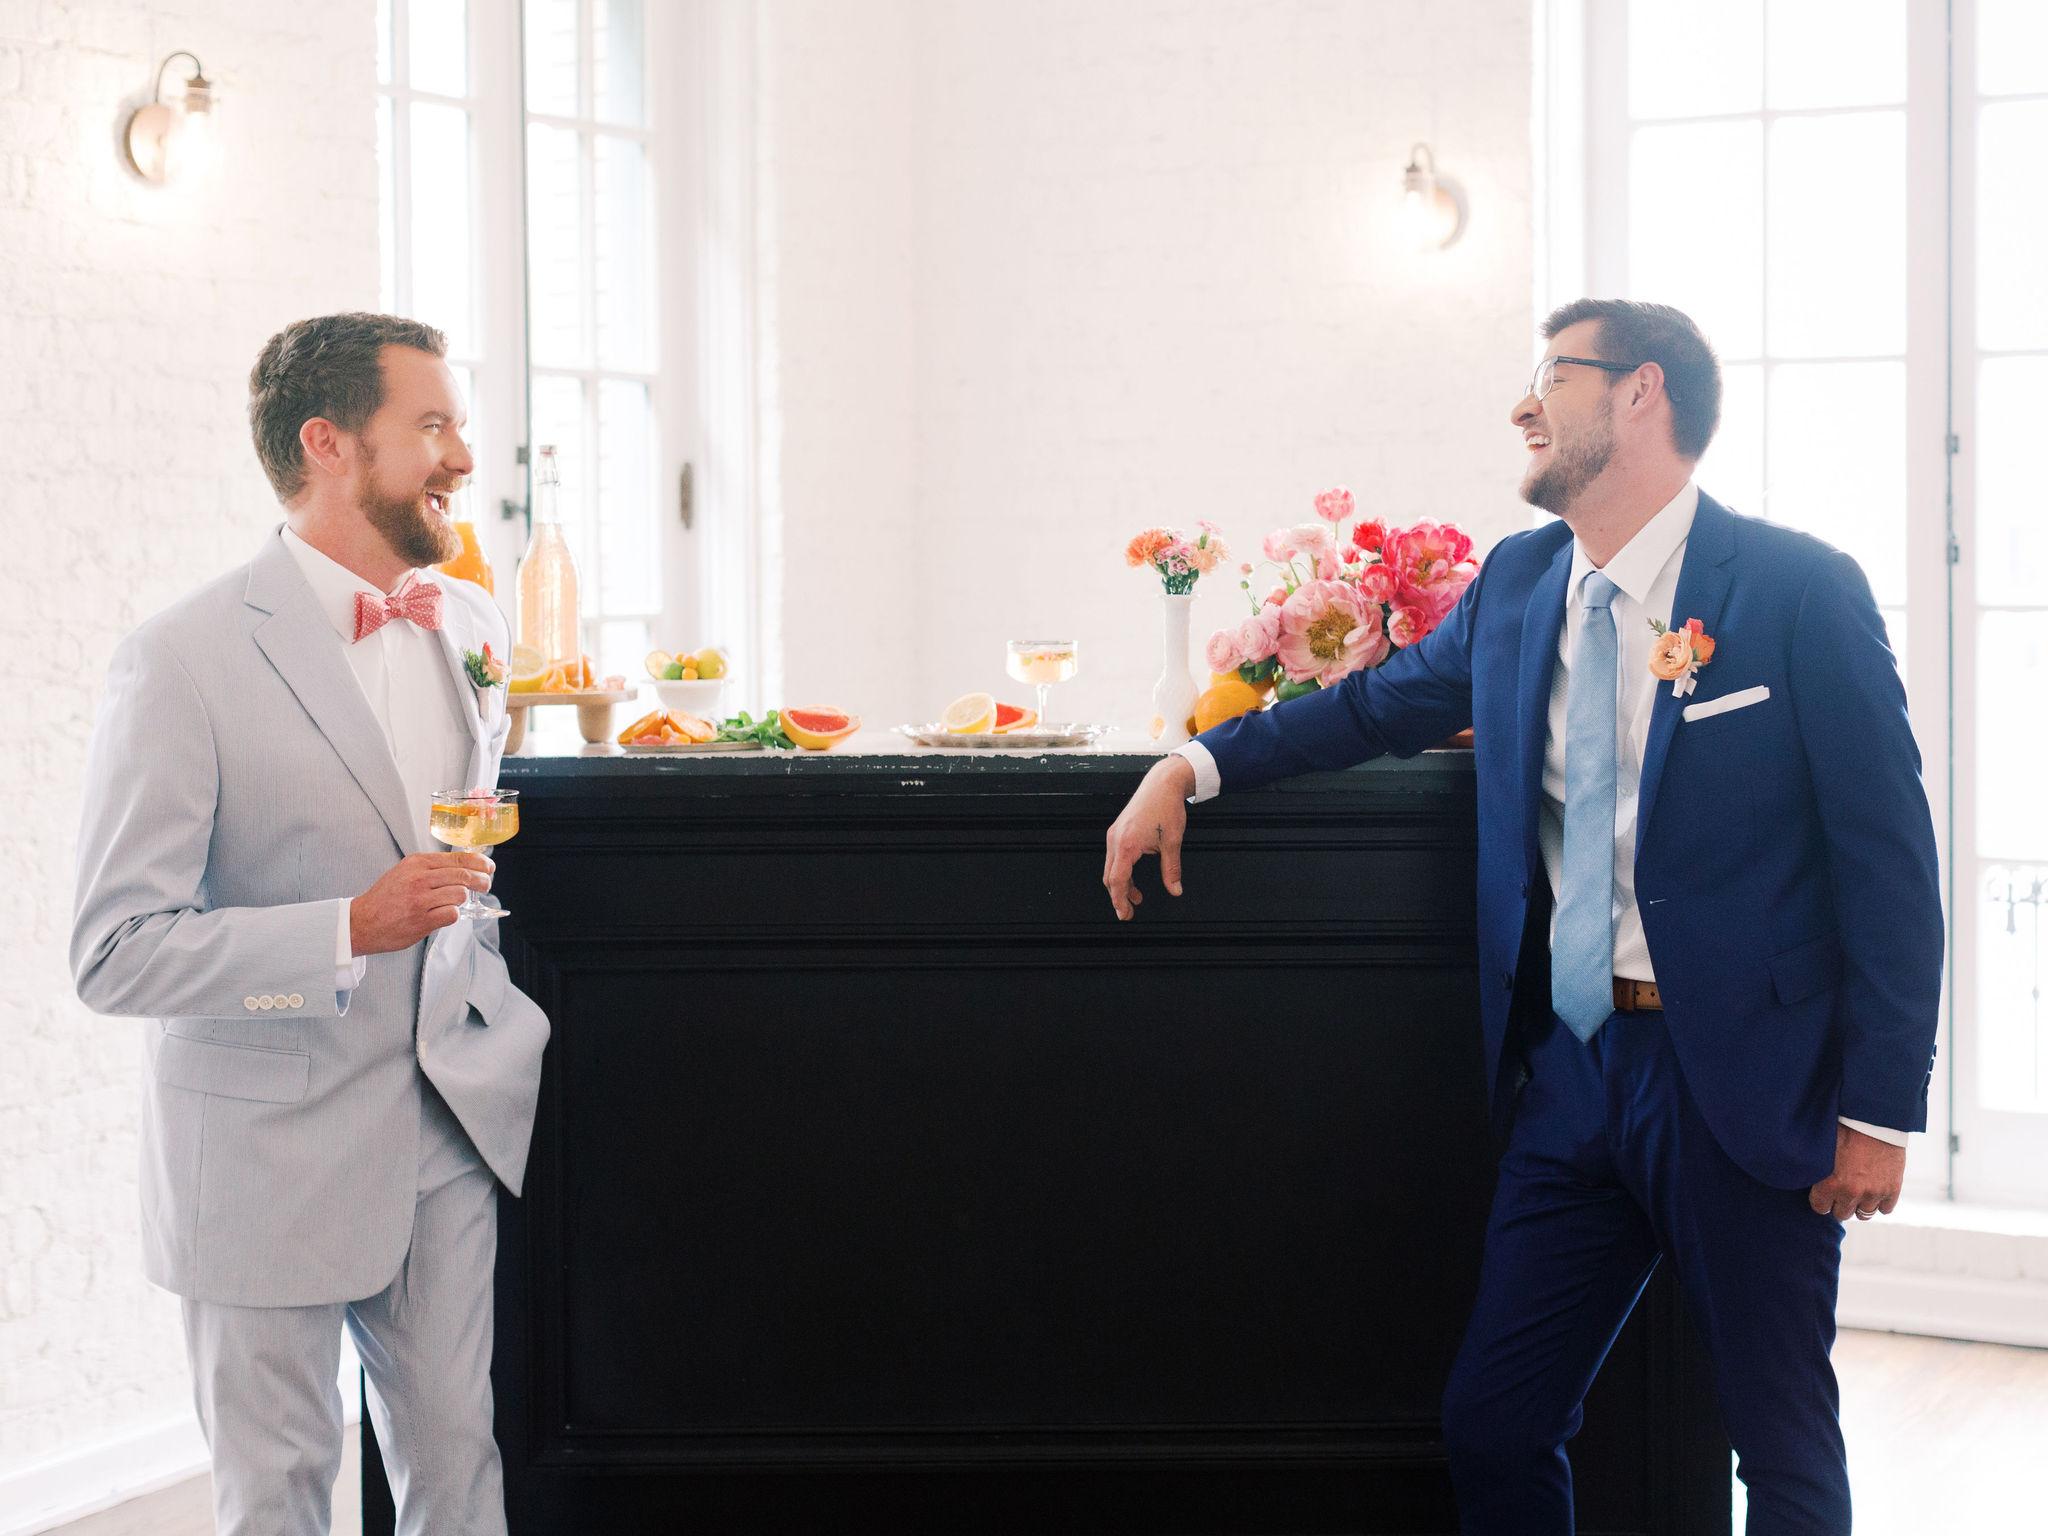 Classy Gay Wedding Decor Ideas